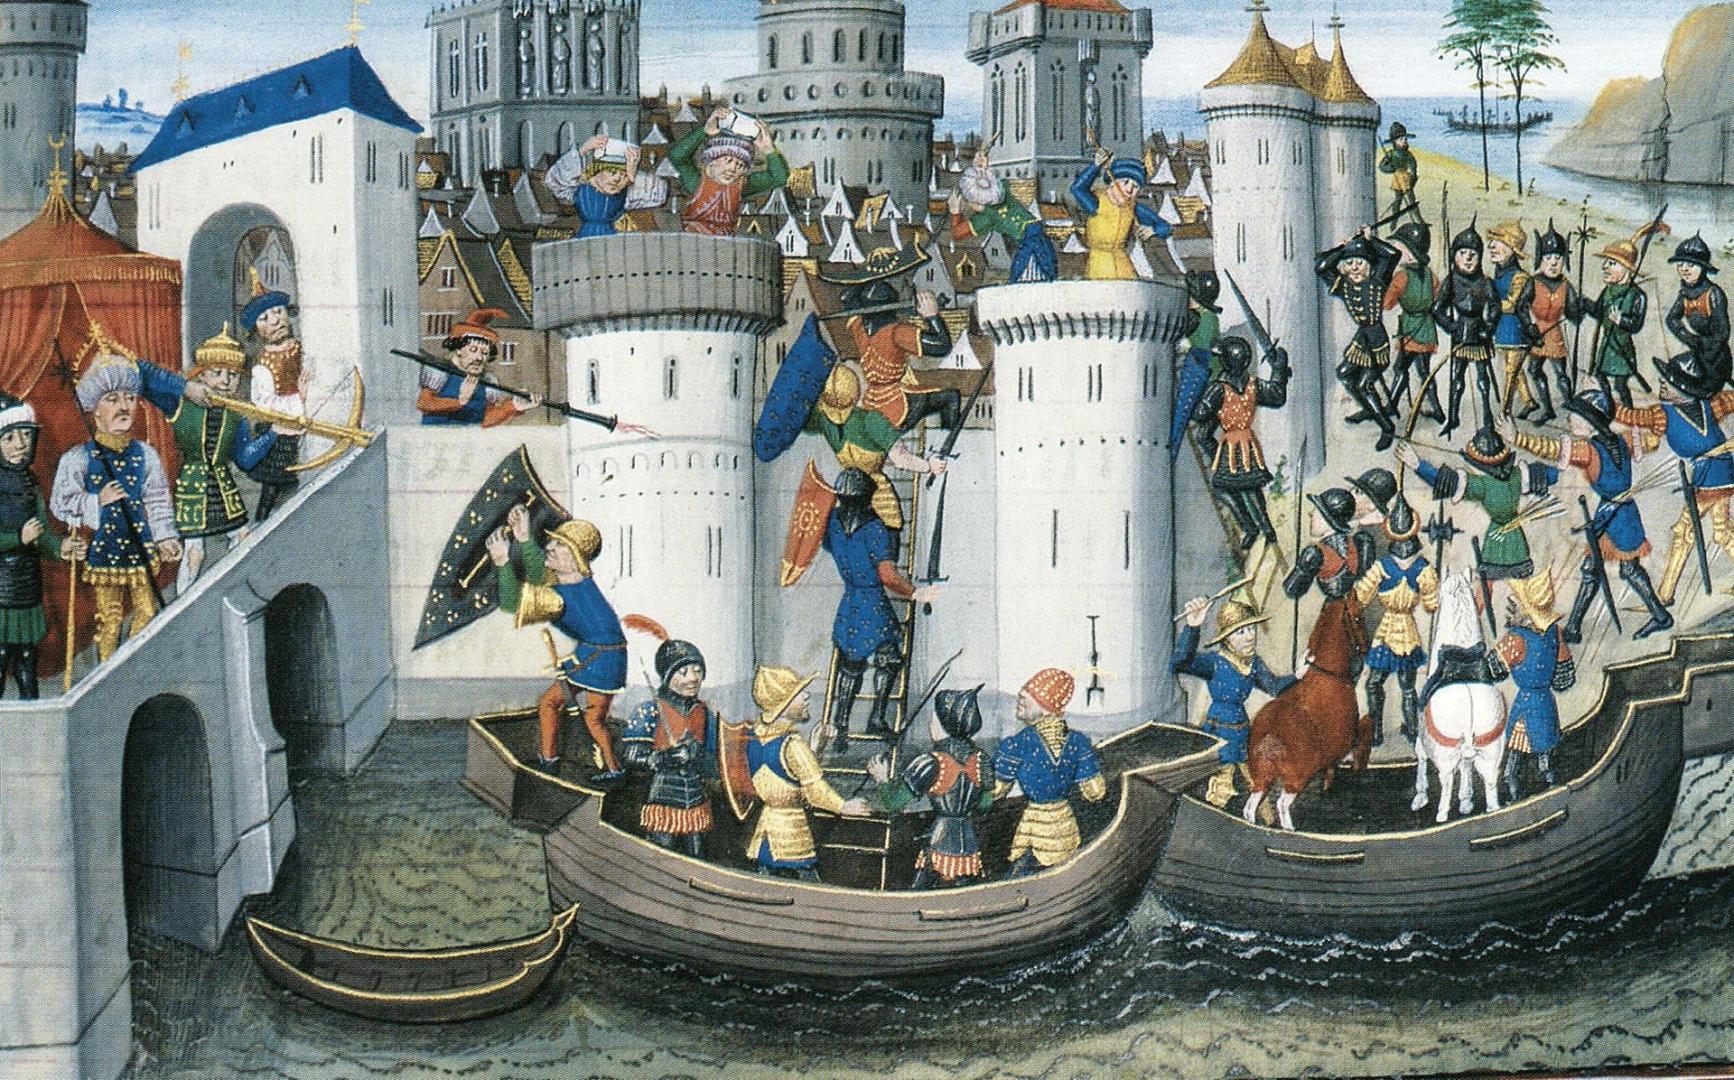 Сцена взятия Константинополя. Картина XIV—XV века